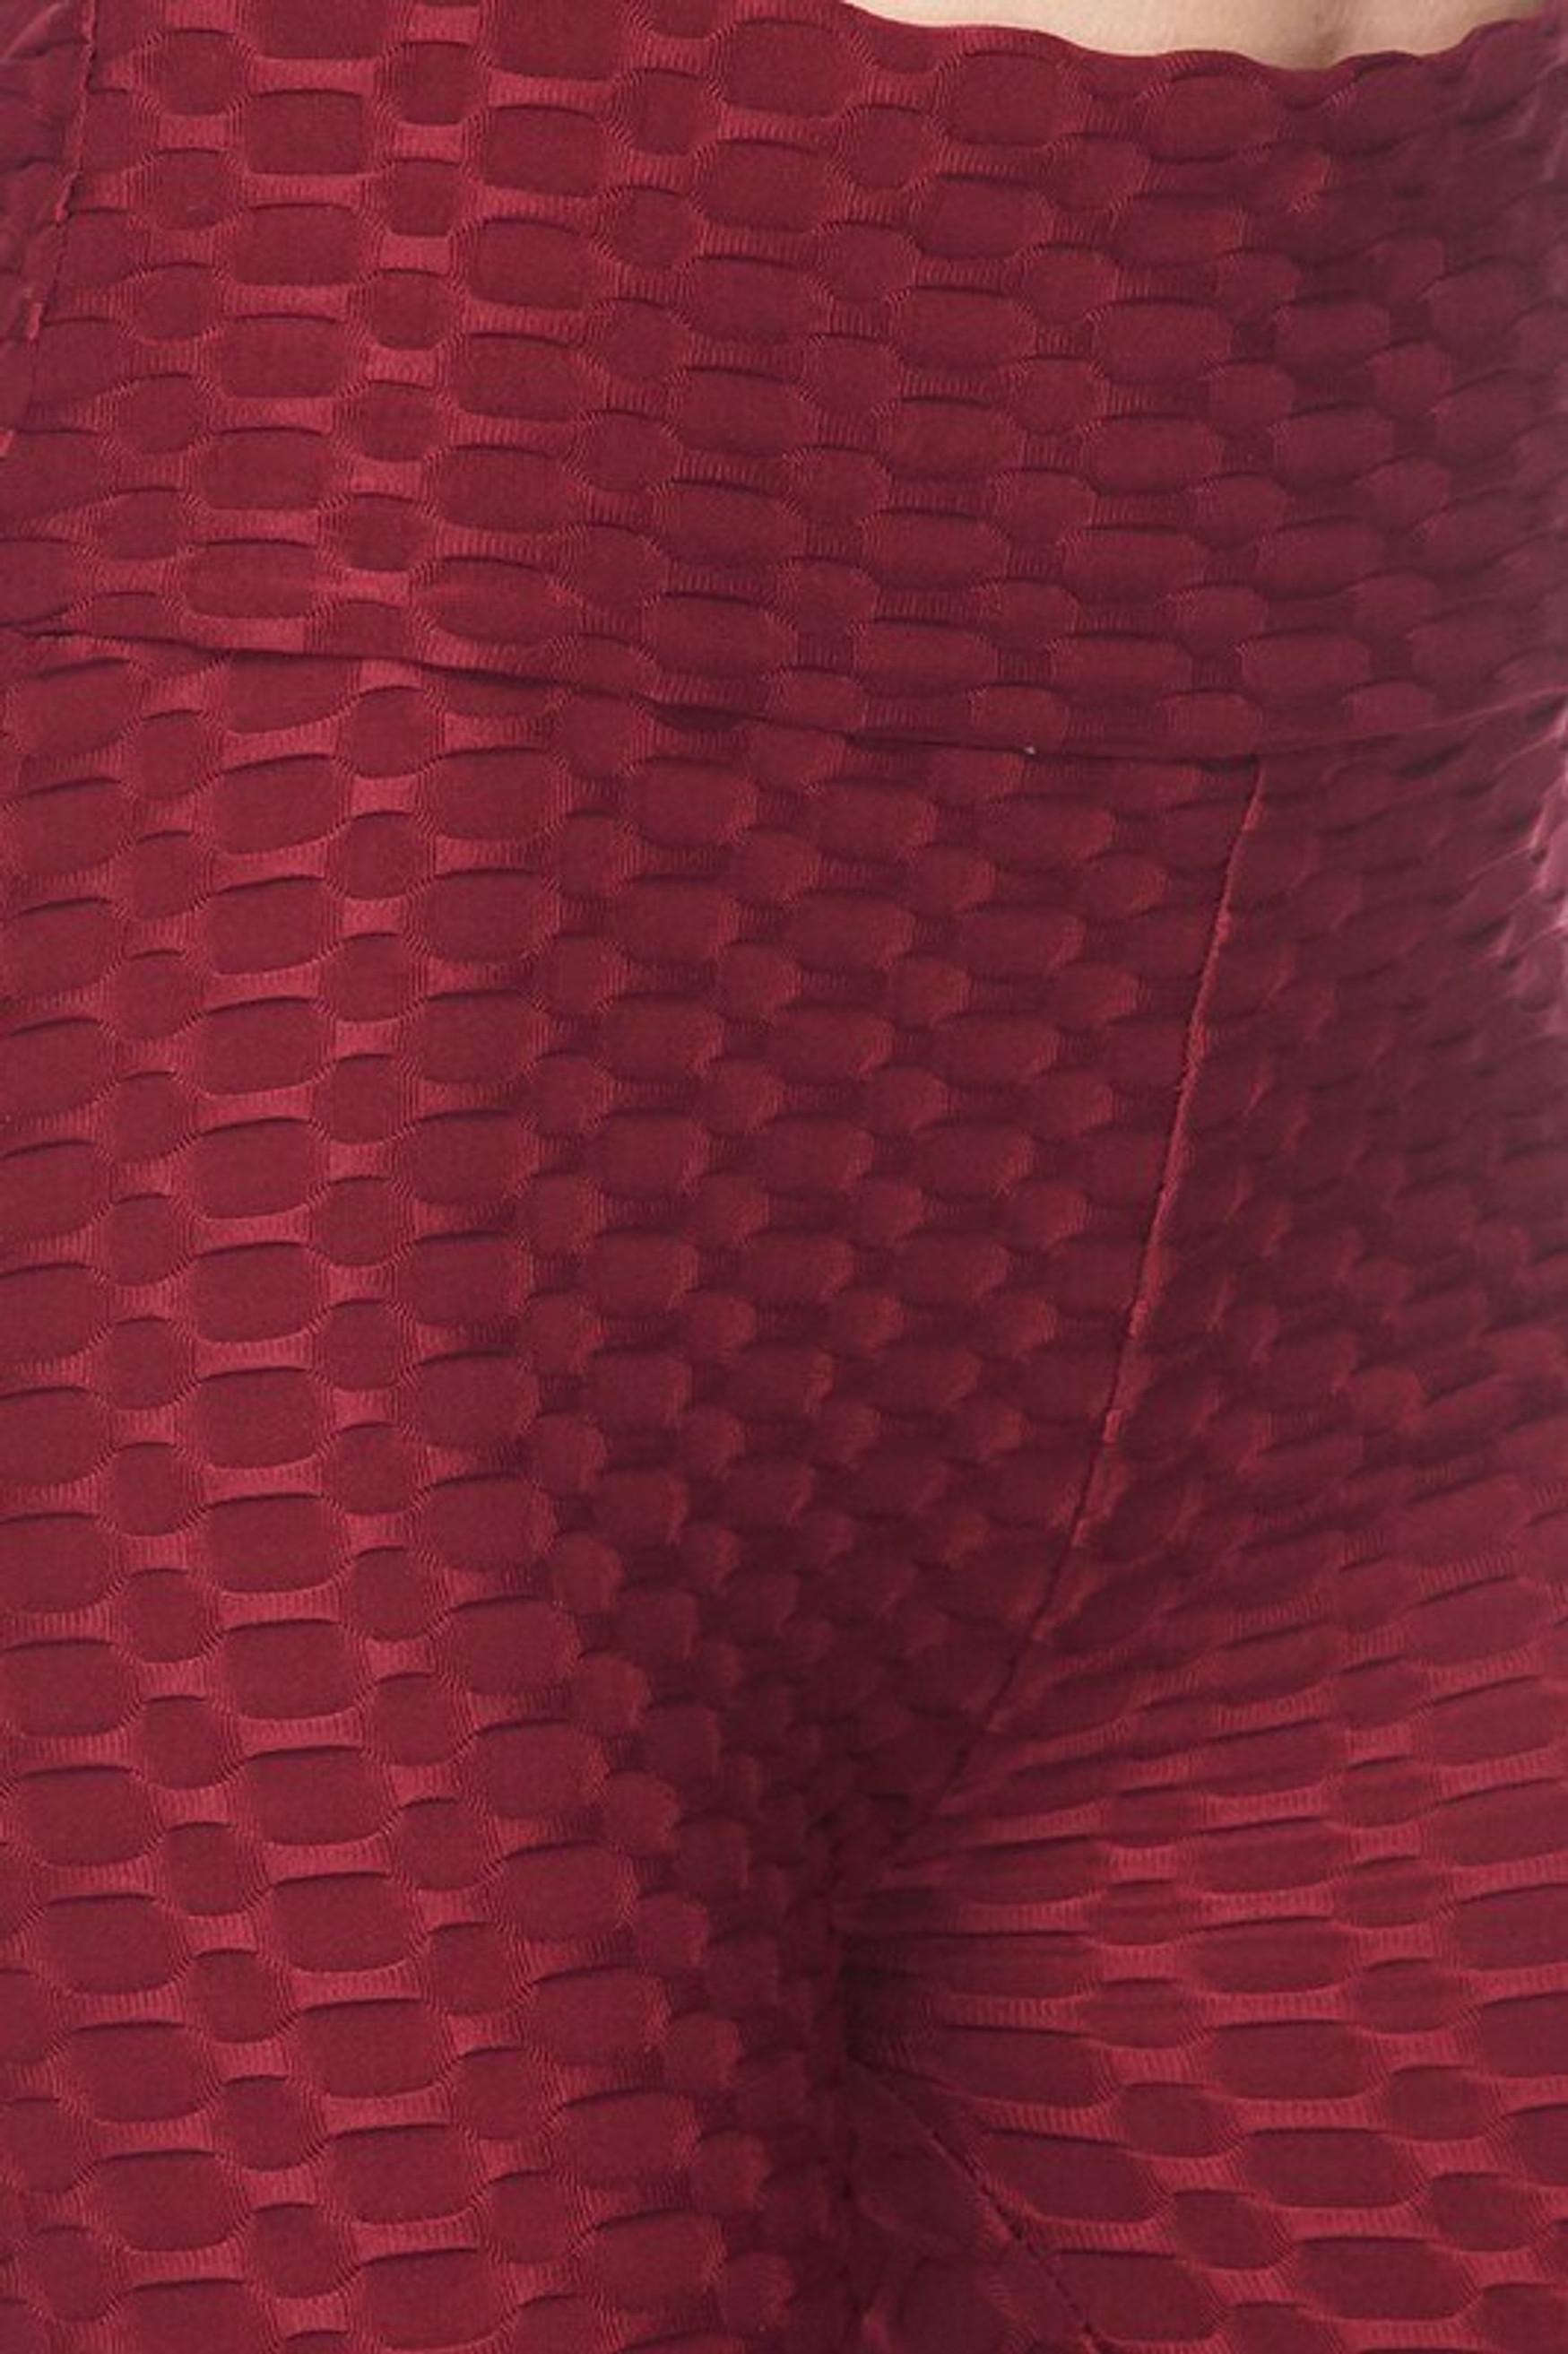 Scrunch Butt Textured High Waisted Plus Size Capris